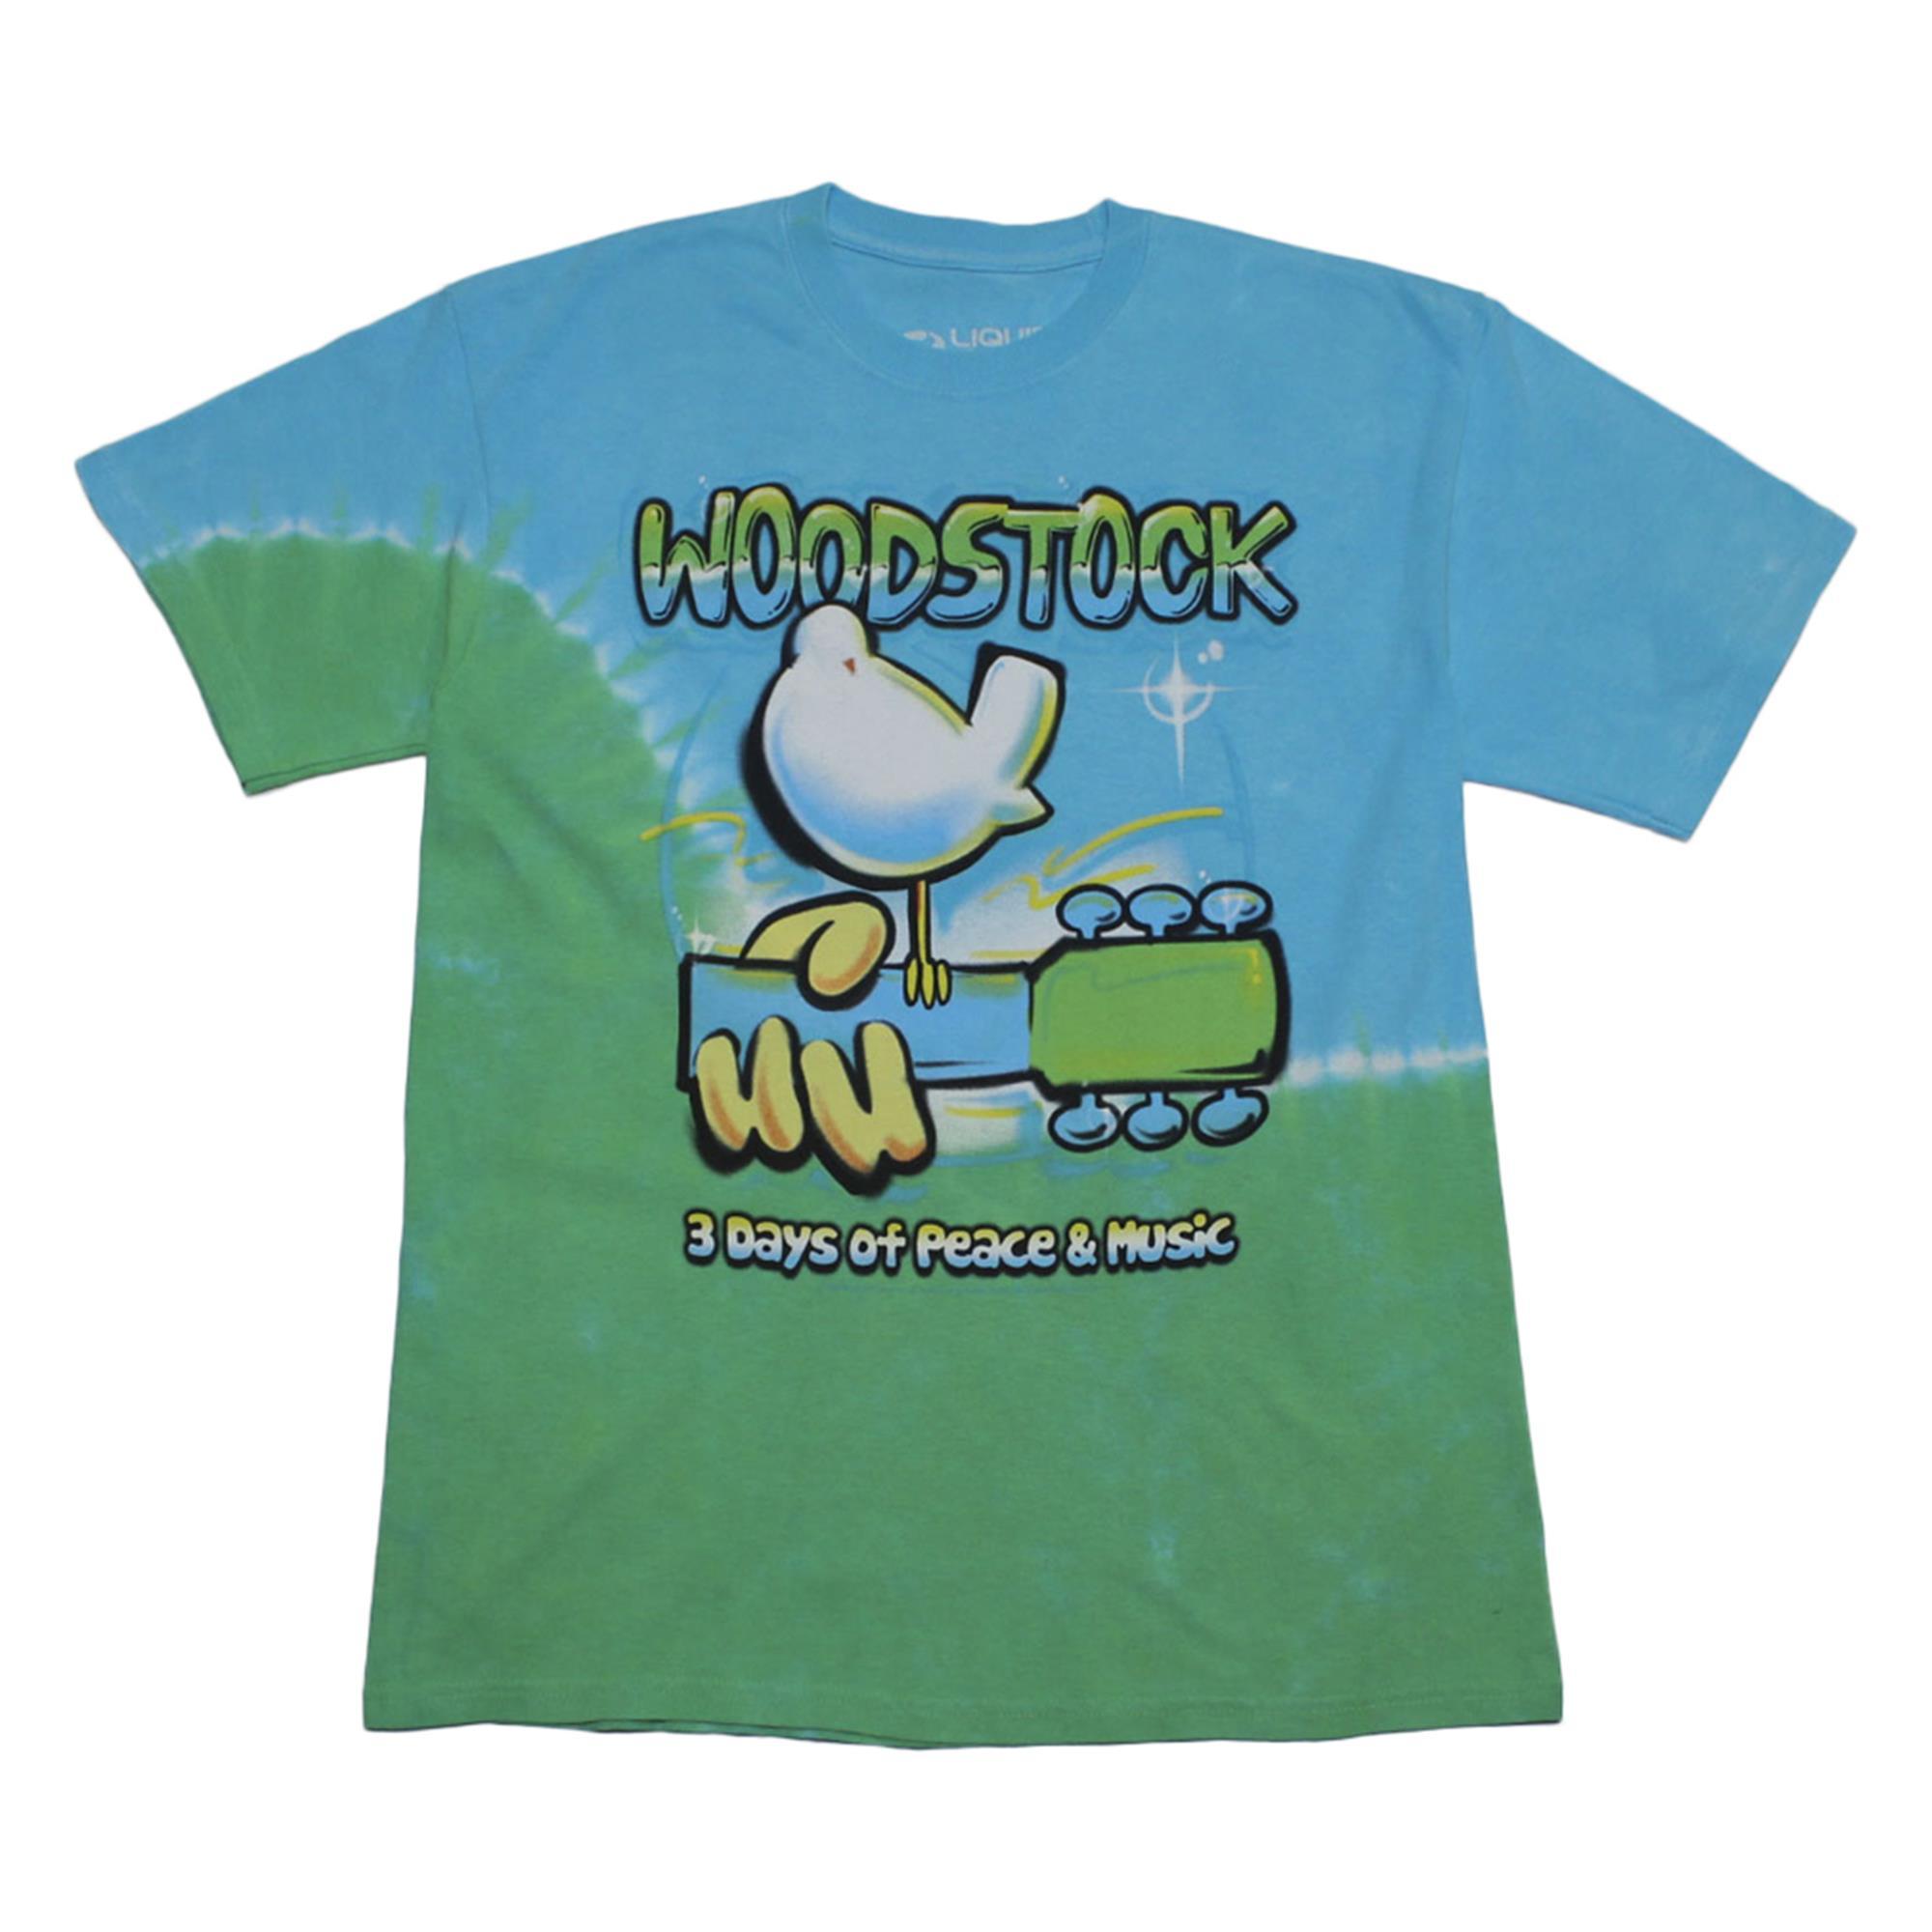 Woodstock Graffiti T-Shirt